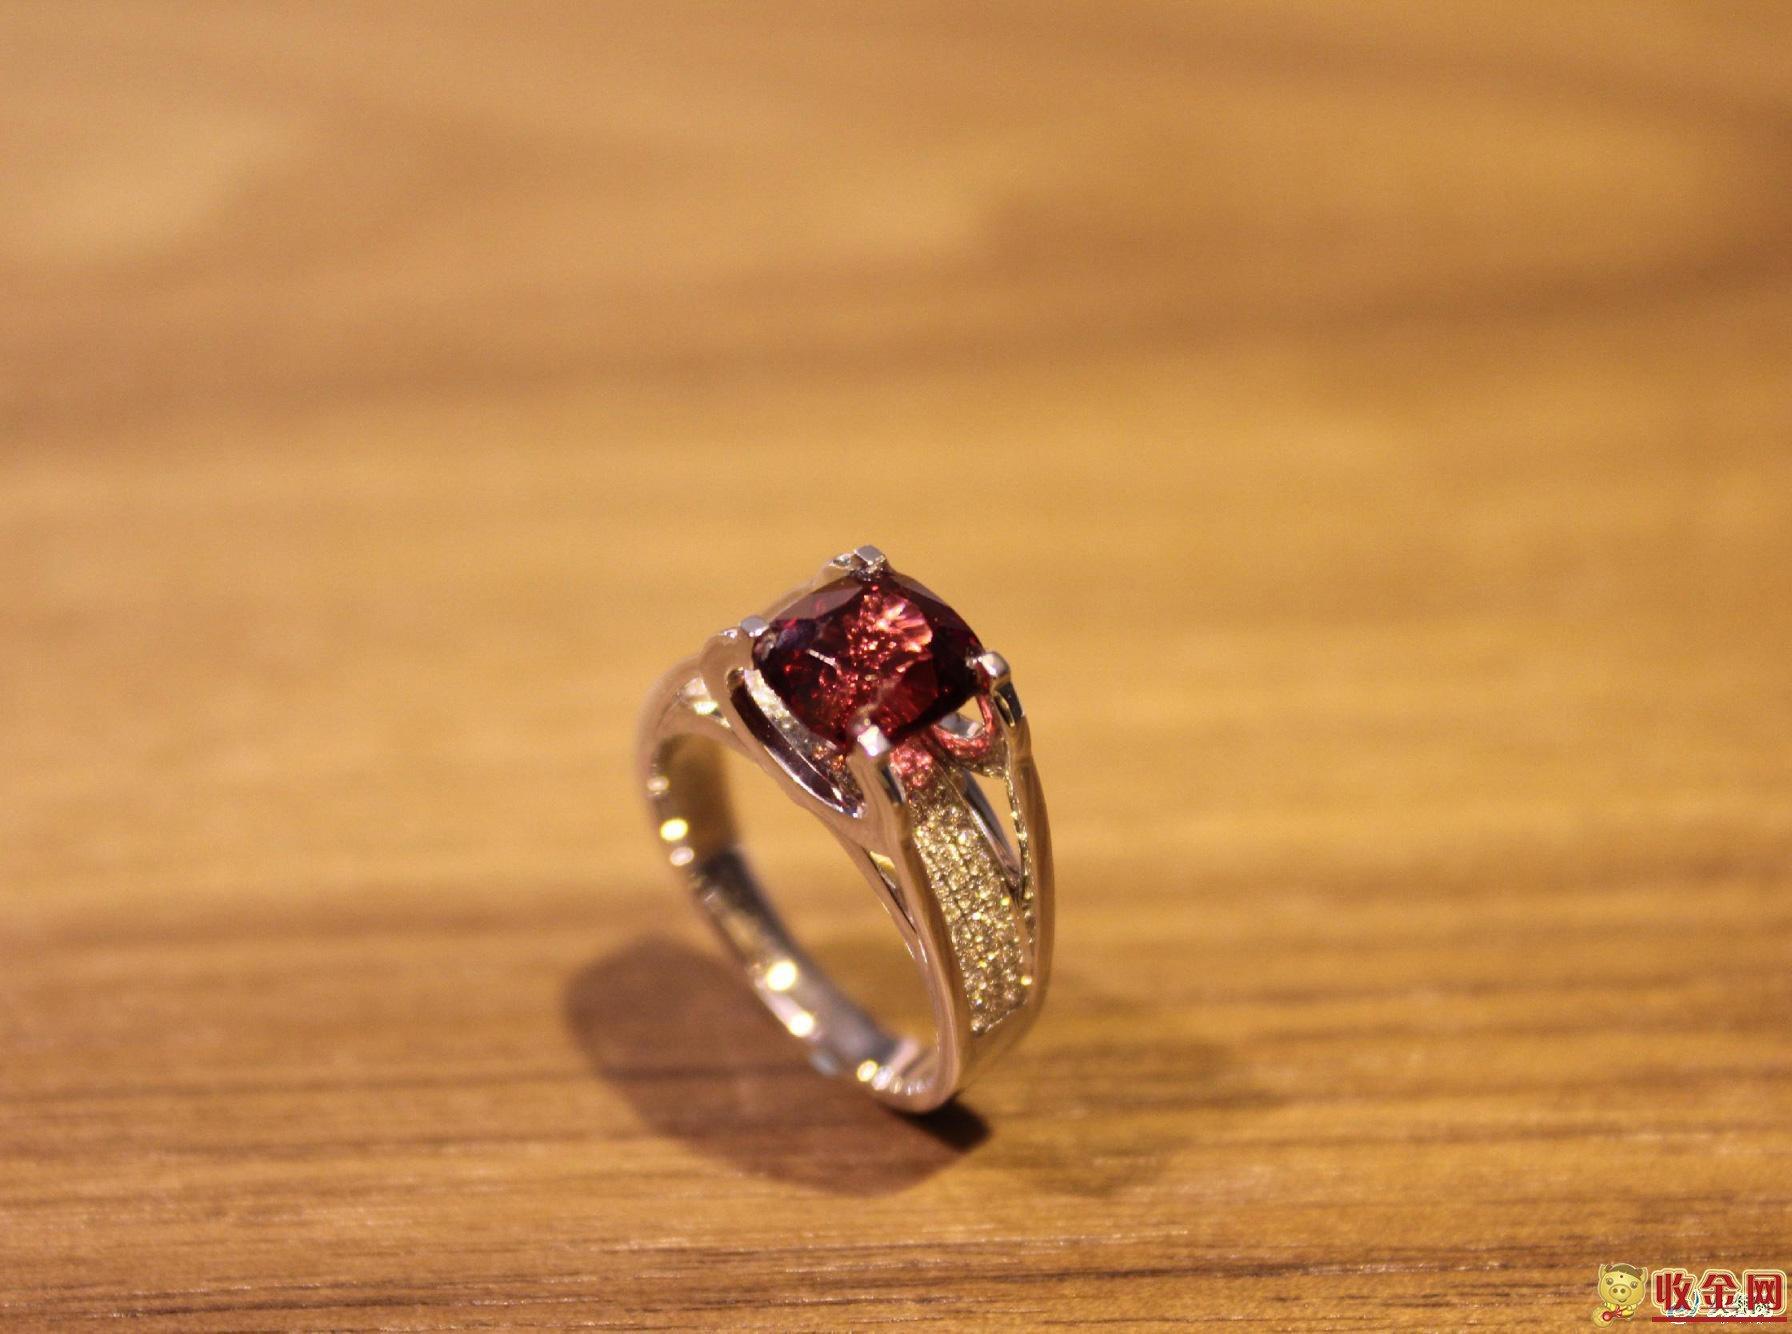 钻石的镶嵌方式会导致钻戒回收的价格么